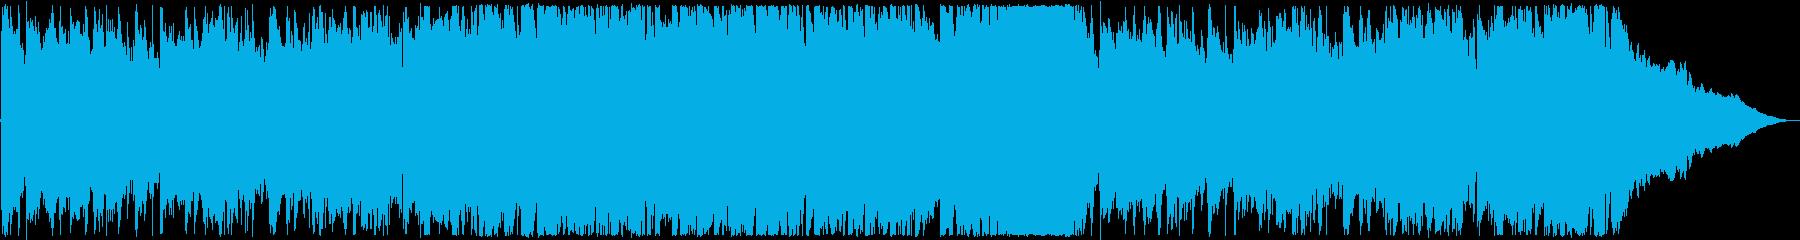 エンディング・爽やかな洋楽ポップスの再生済みの波形